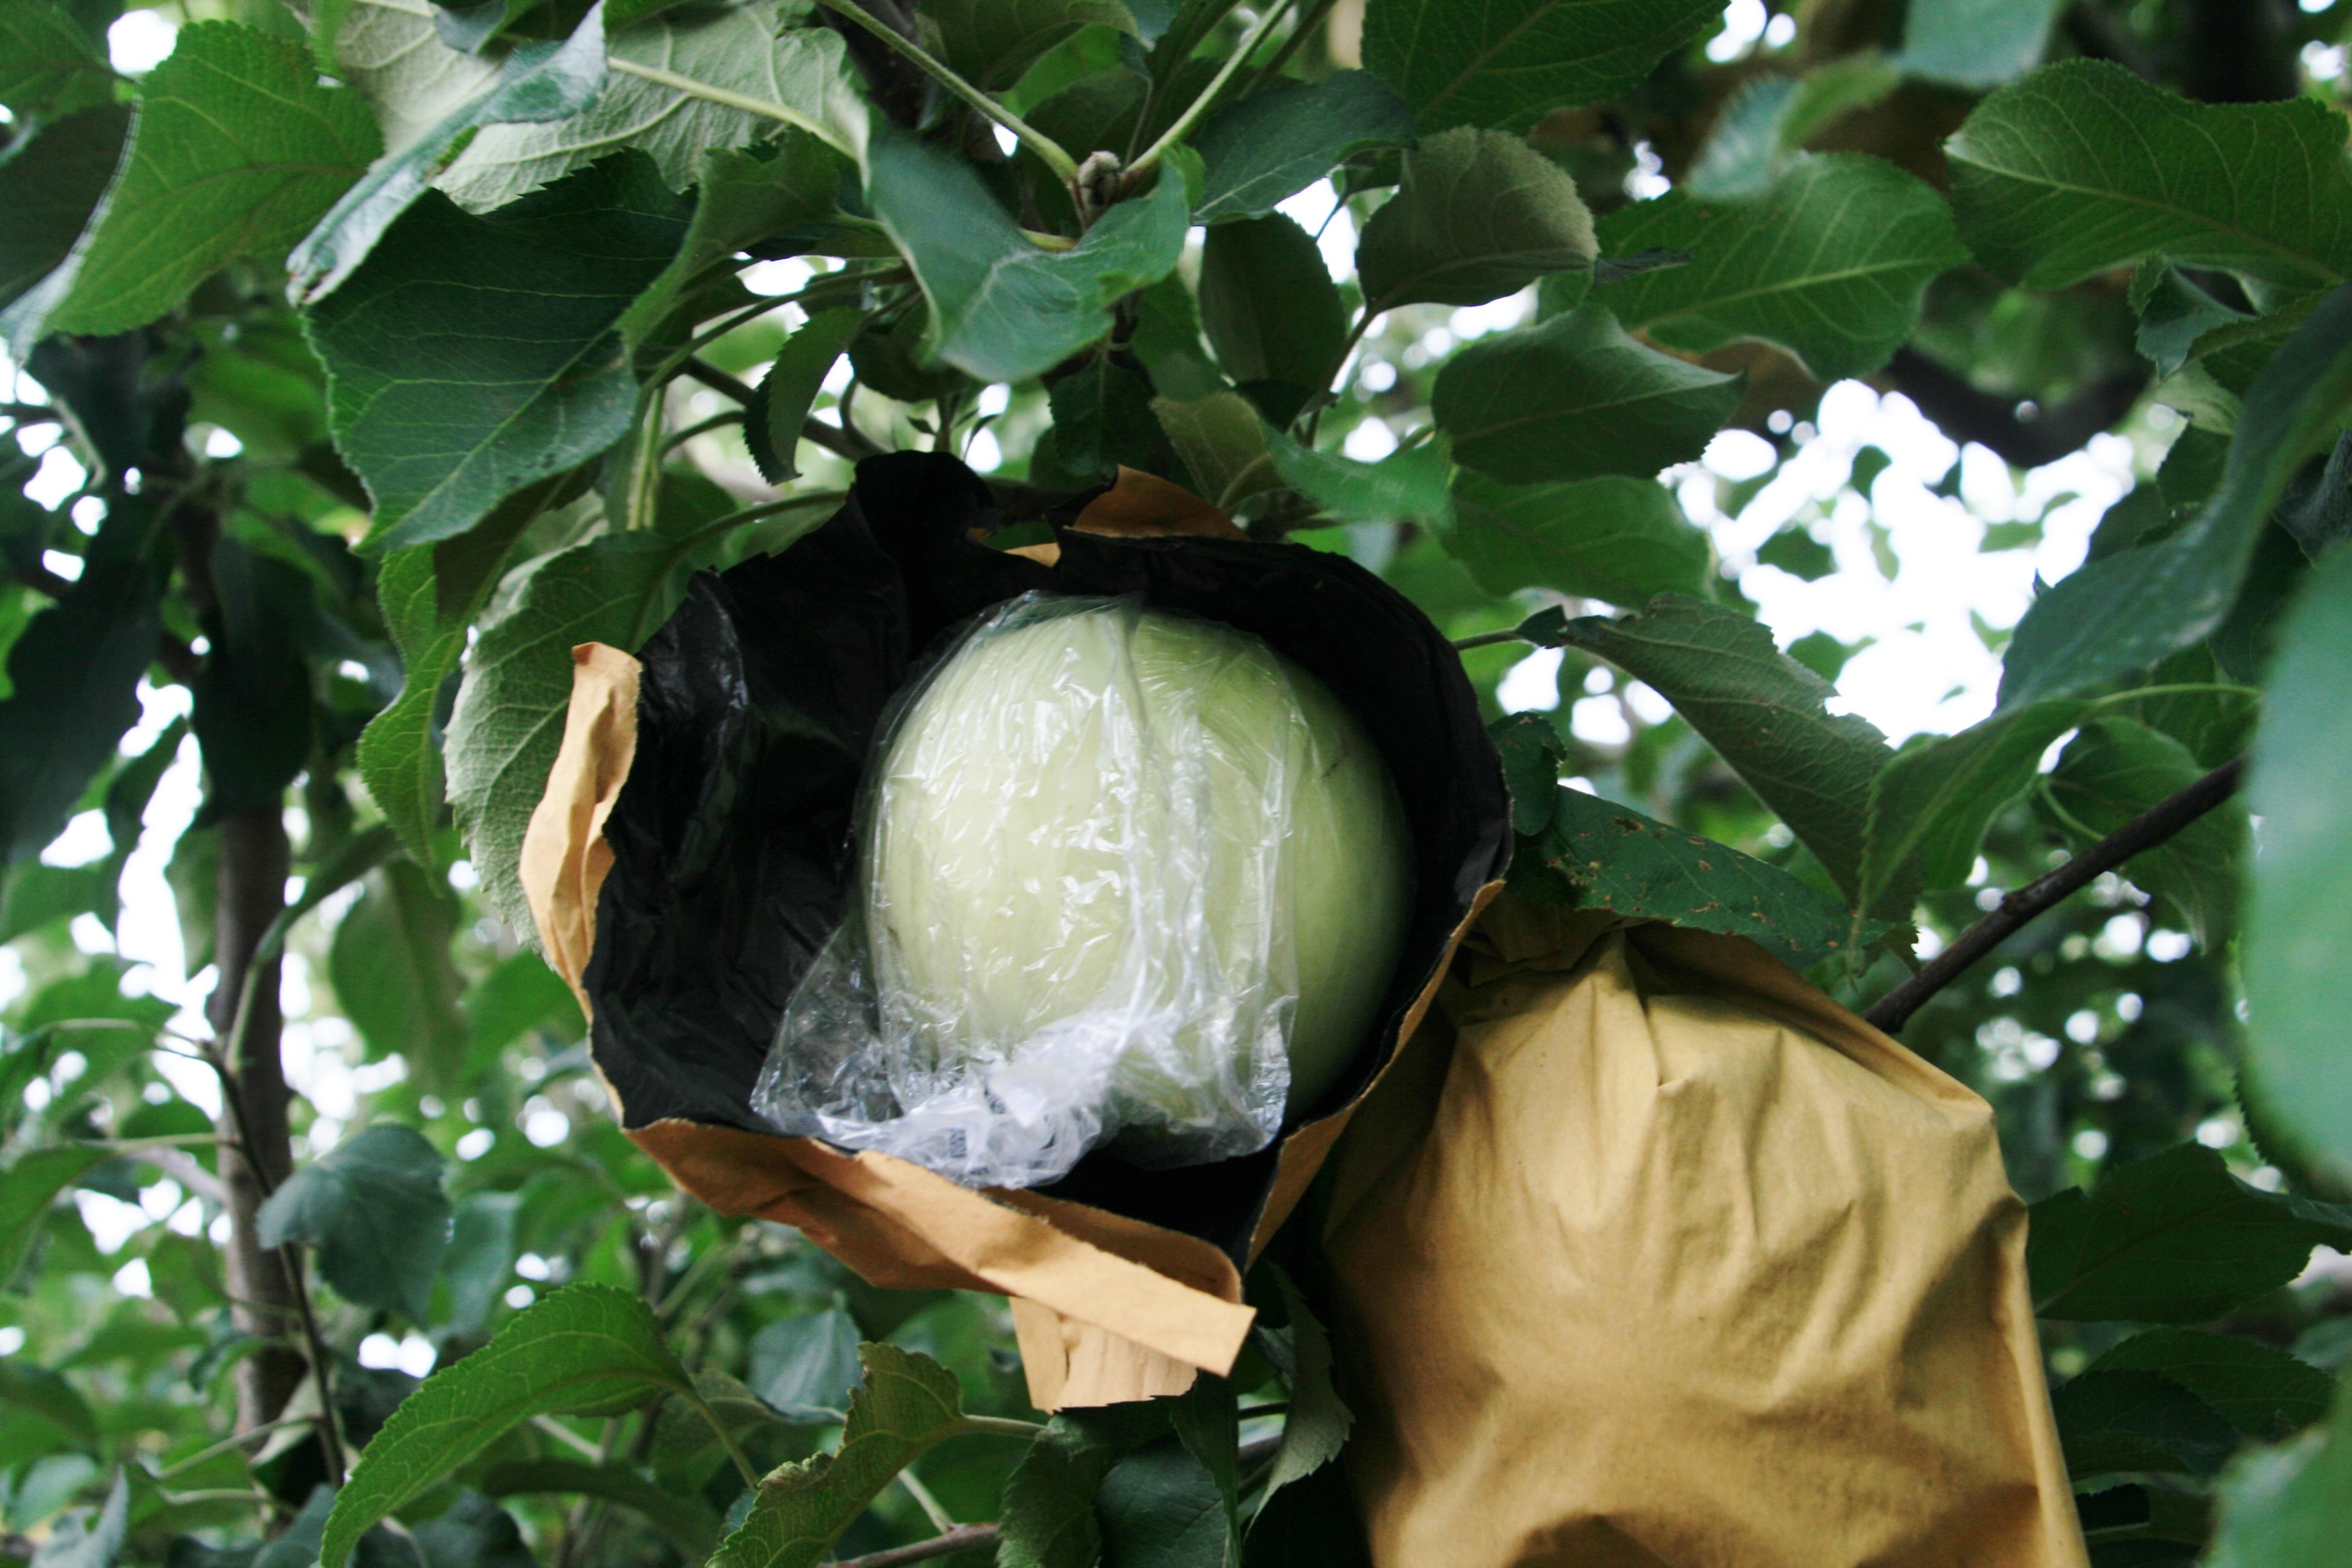 filets anti insectes pour protéger potager et verger - jardins de france